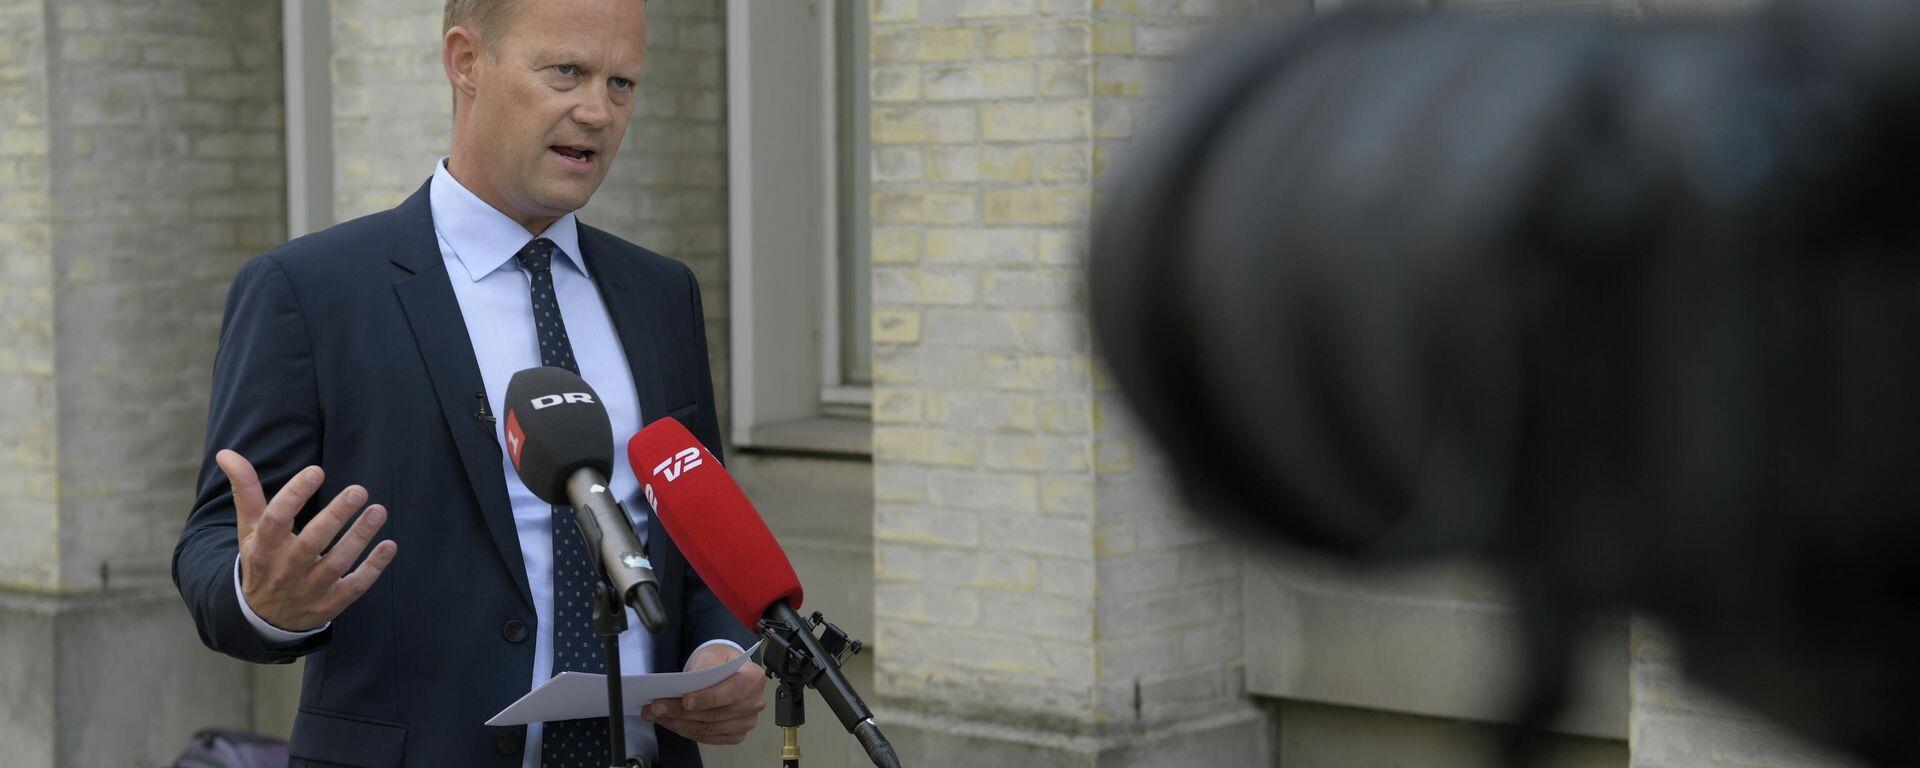 Dänemarks Außenminister Jeppe Kofod (Archivbild) - SNA, 1920, 04.09.2021